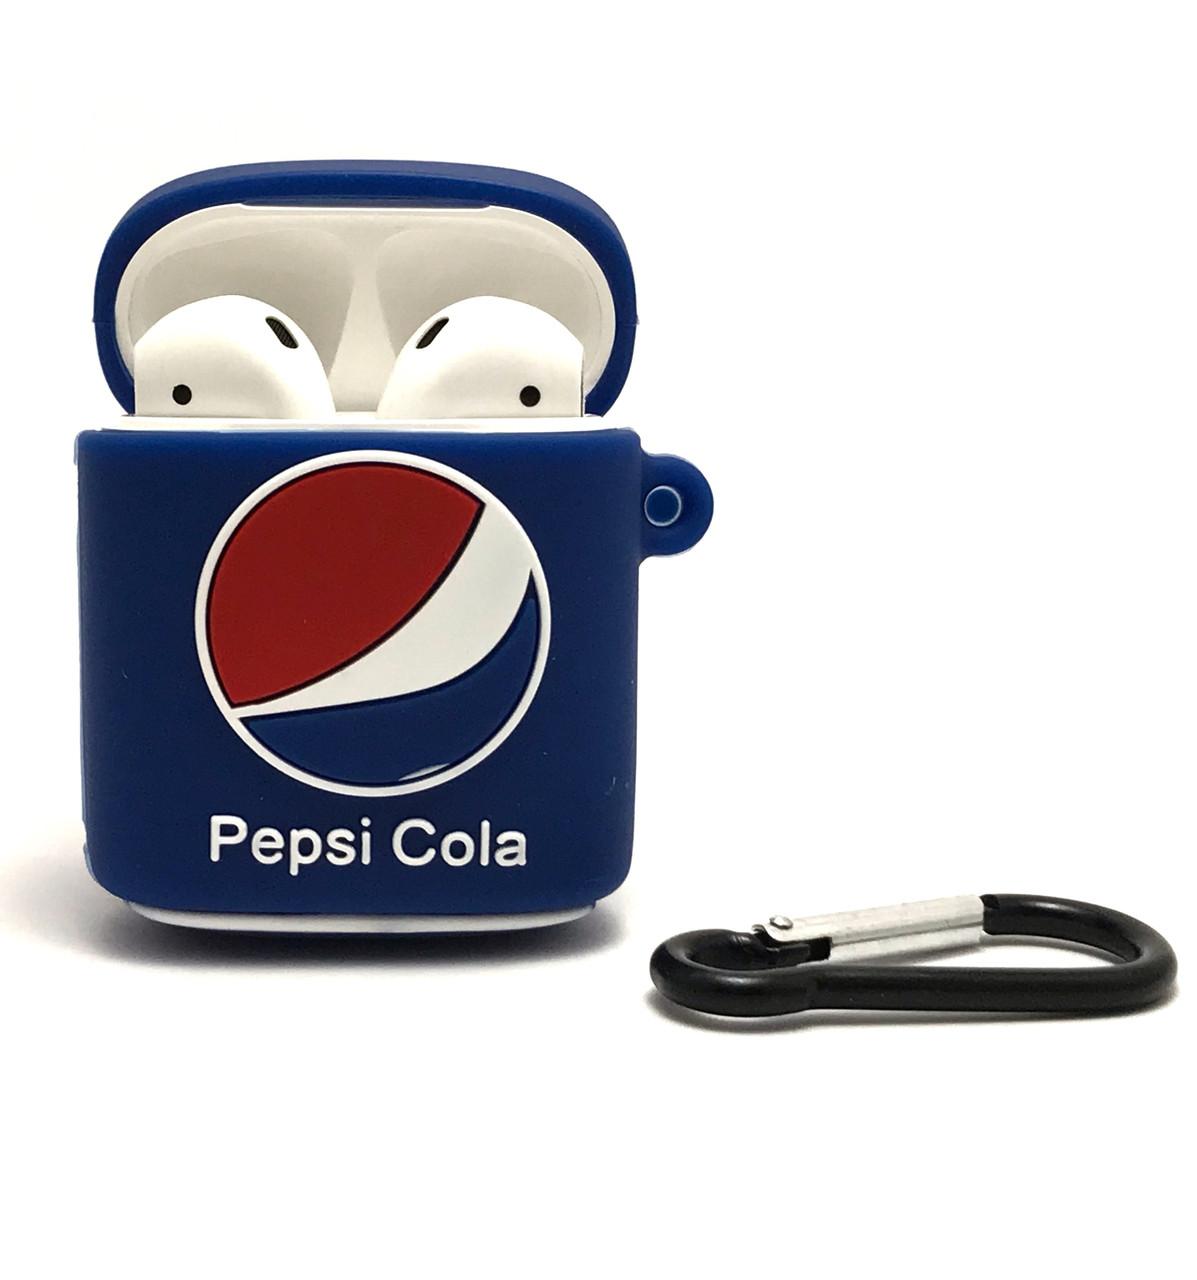 Силиконовый 3D чехол Pepsi для наушников AirPods 1 и 2 поколения. Soft-touch покрытие.